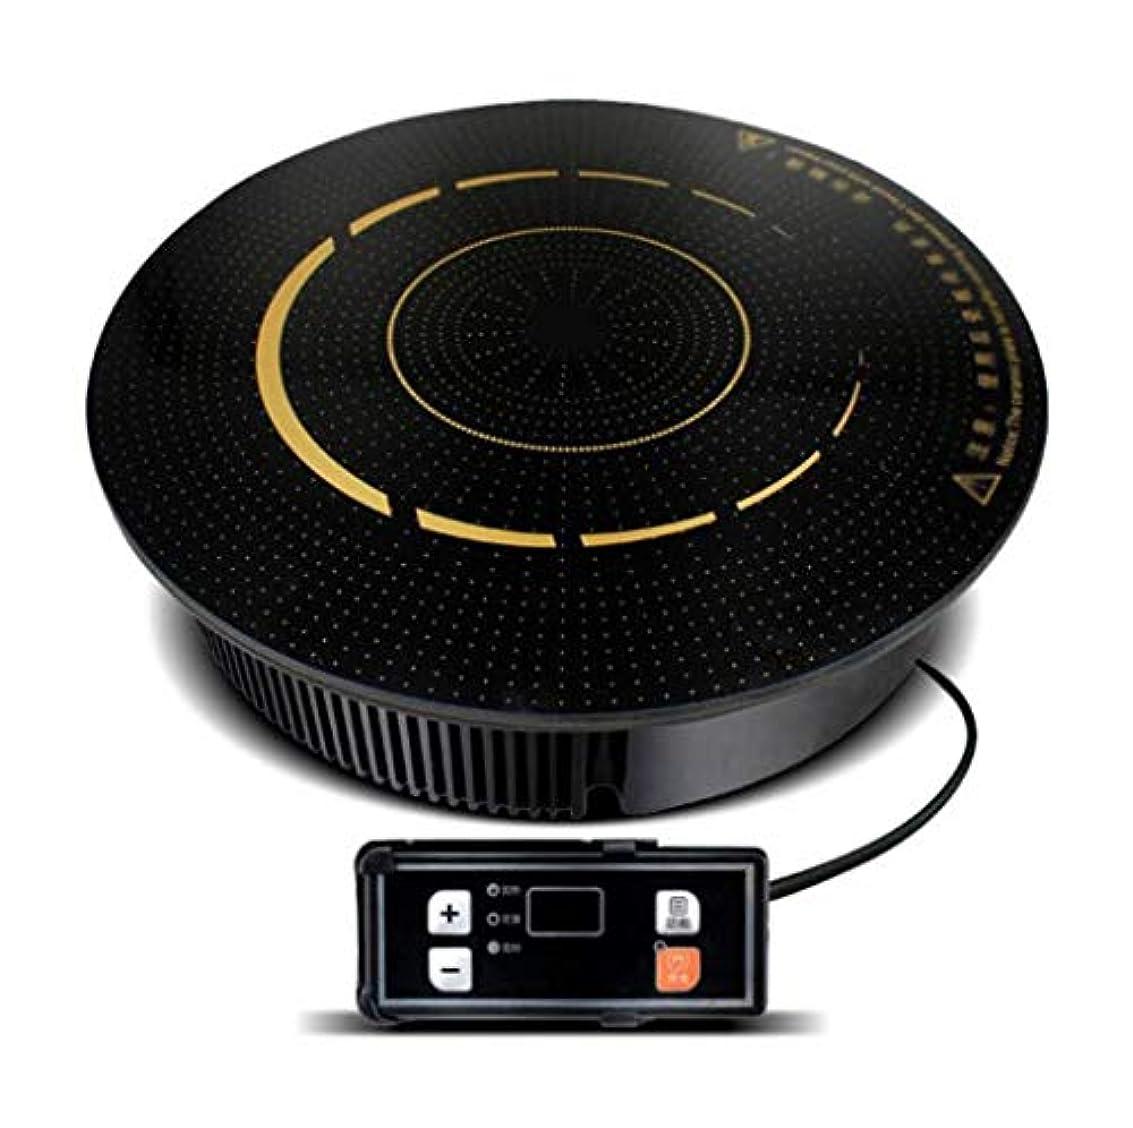 含むランチョン関係ラウンド電磁調理器ホットポットレストランホテル、商業ラウンド埋め込ま火災ボイラー誘導調理器2000Wワイヤ制御鍋電磁調理器は、鍋を選んではいけません